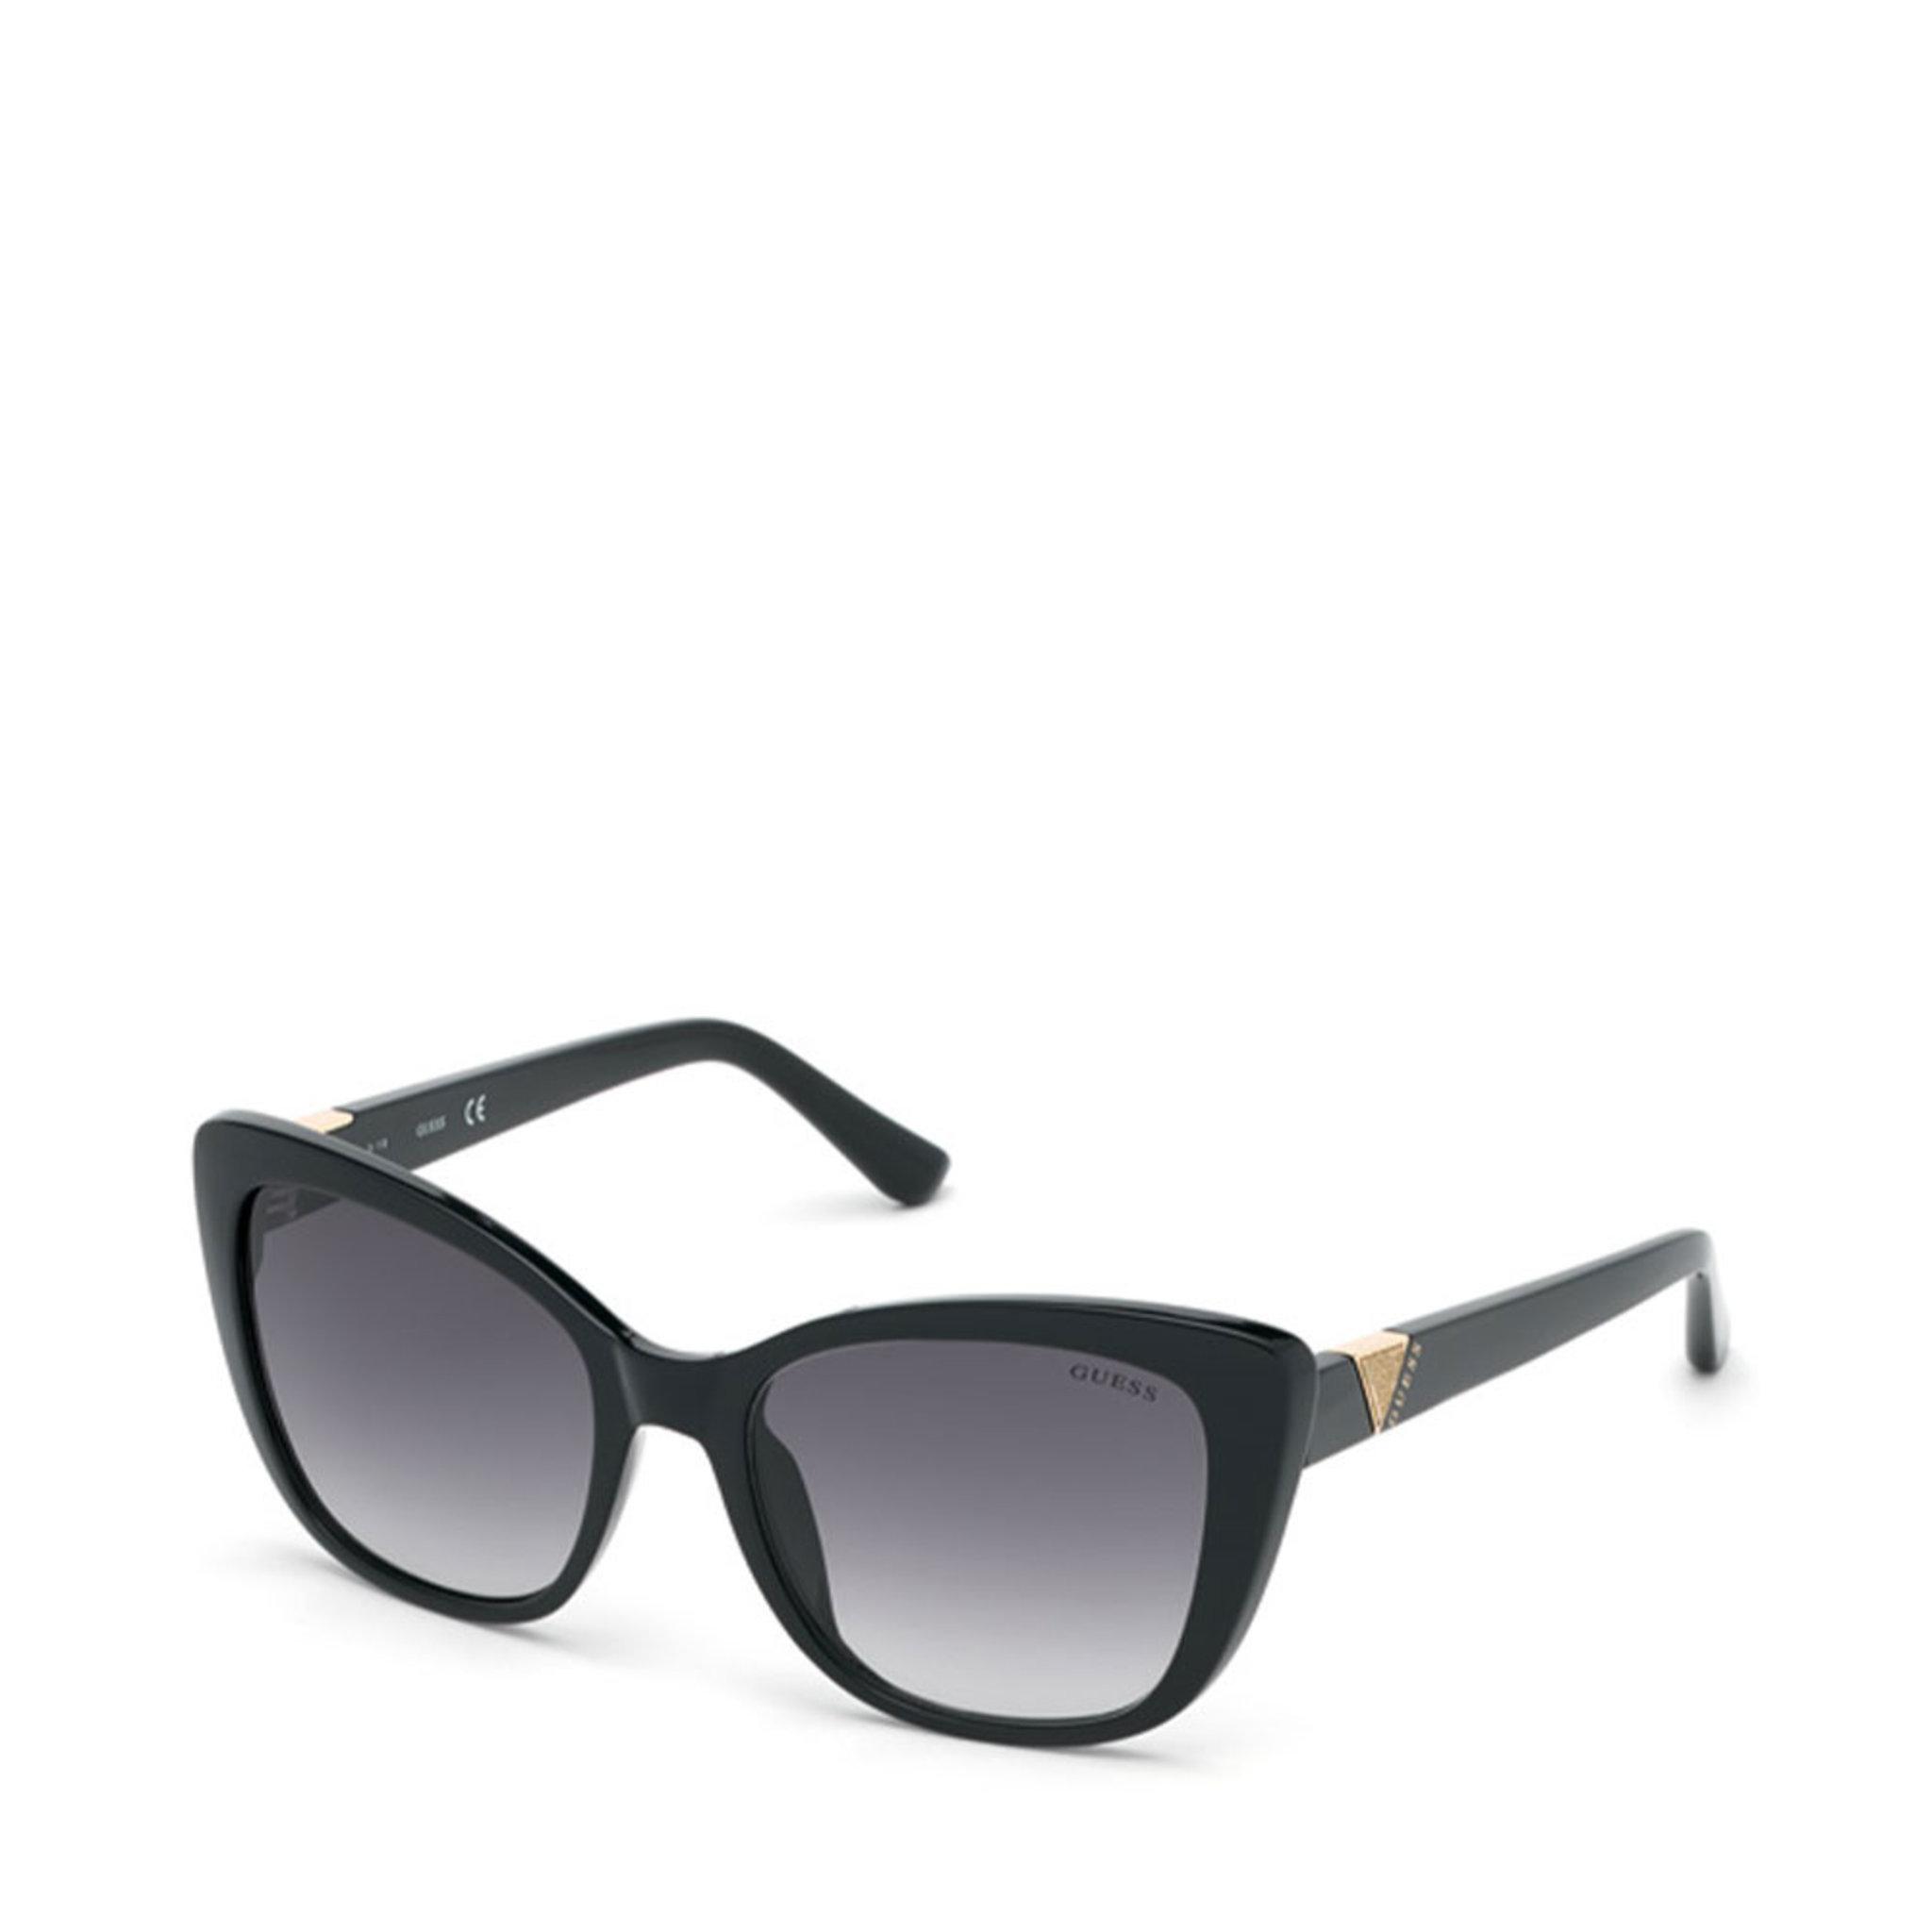 Sunglasses GU7600